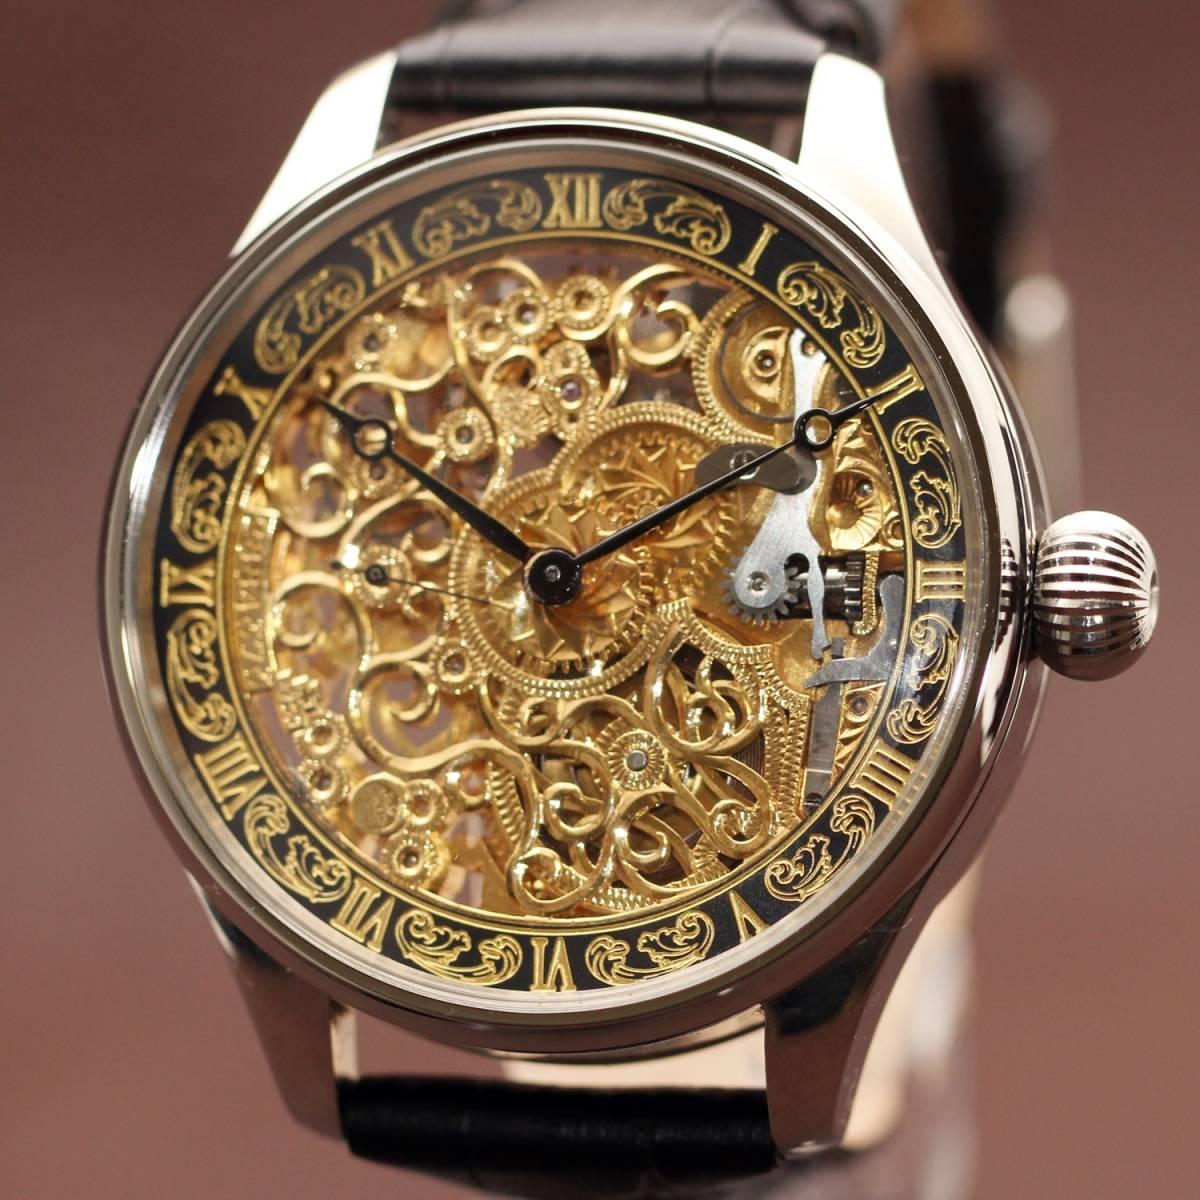 【最低落札なし】【オメガ】OMEGAスケルトン 手巻きアンティーク メンズ腕時計 1890年ヴィンテージ 懐中時計リケース スモールセコンド